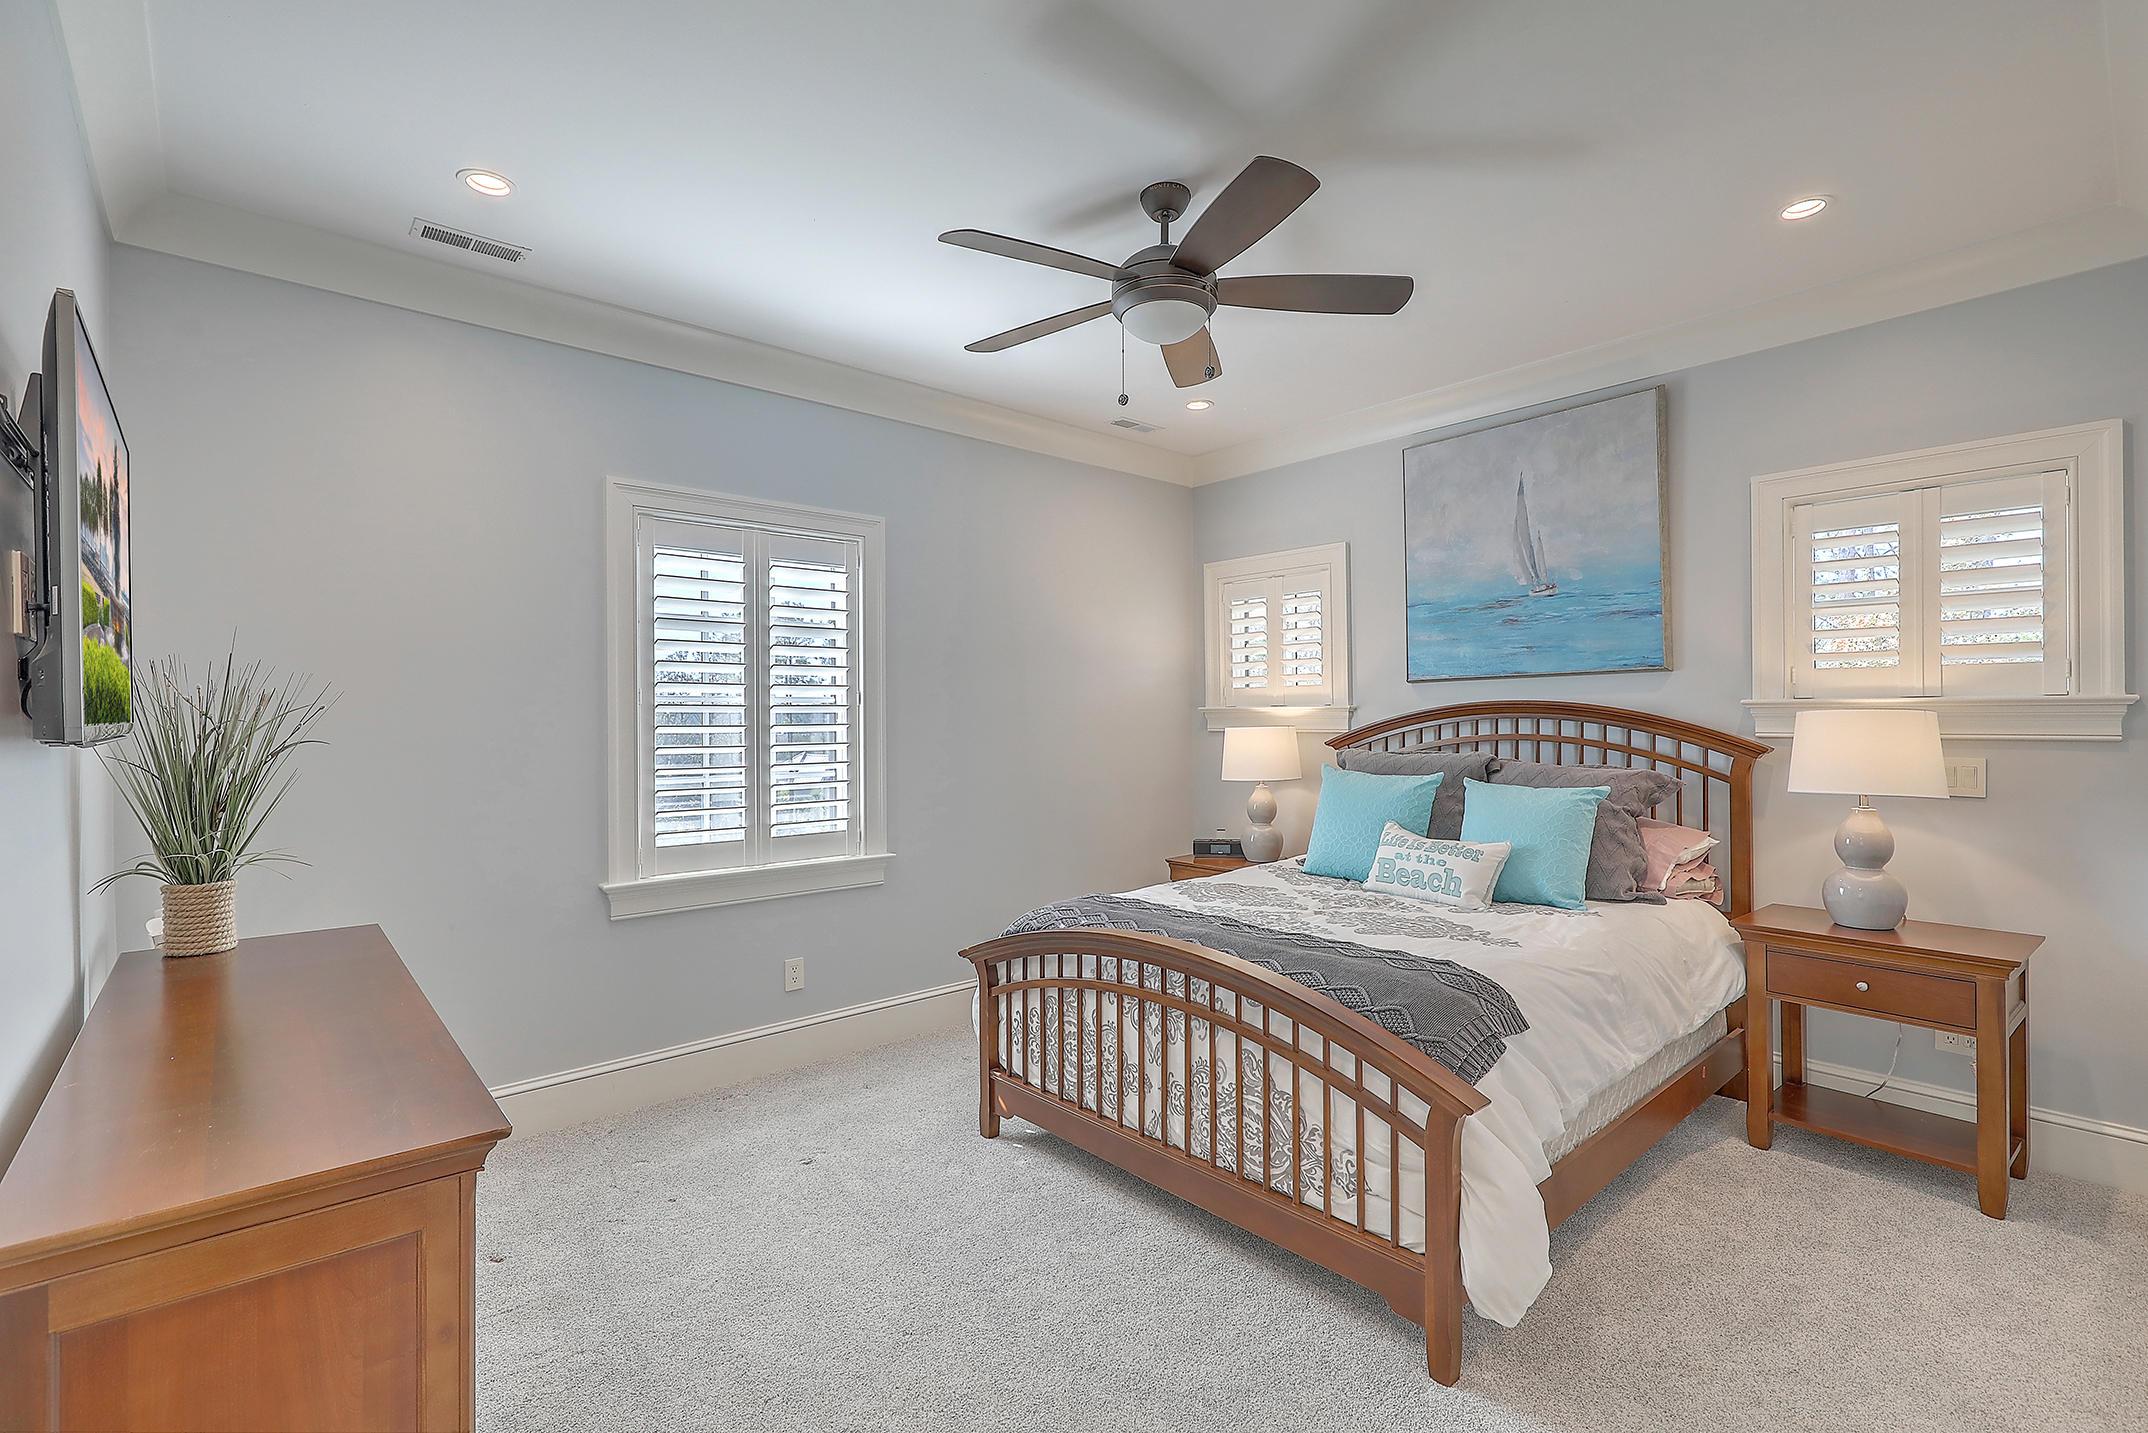 Park West Homes For Sale - 3905 Ashton Shore, Mount Pleasant, SC - 49